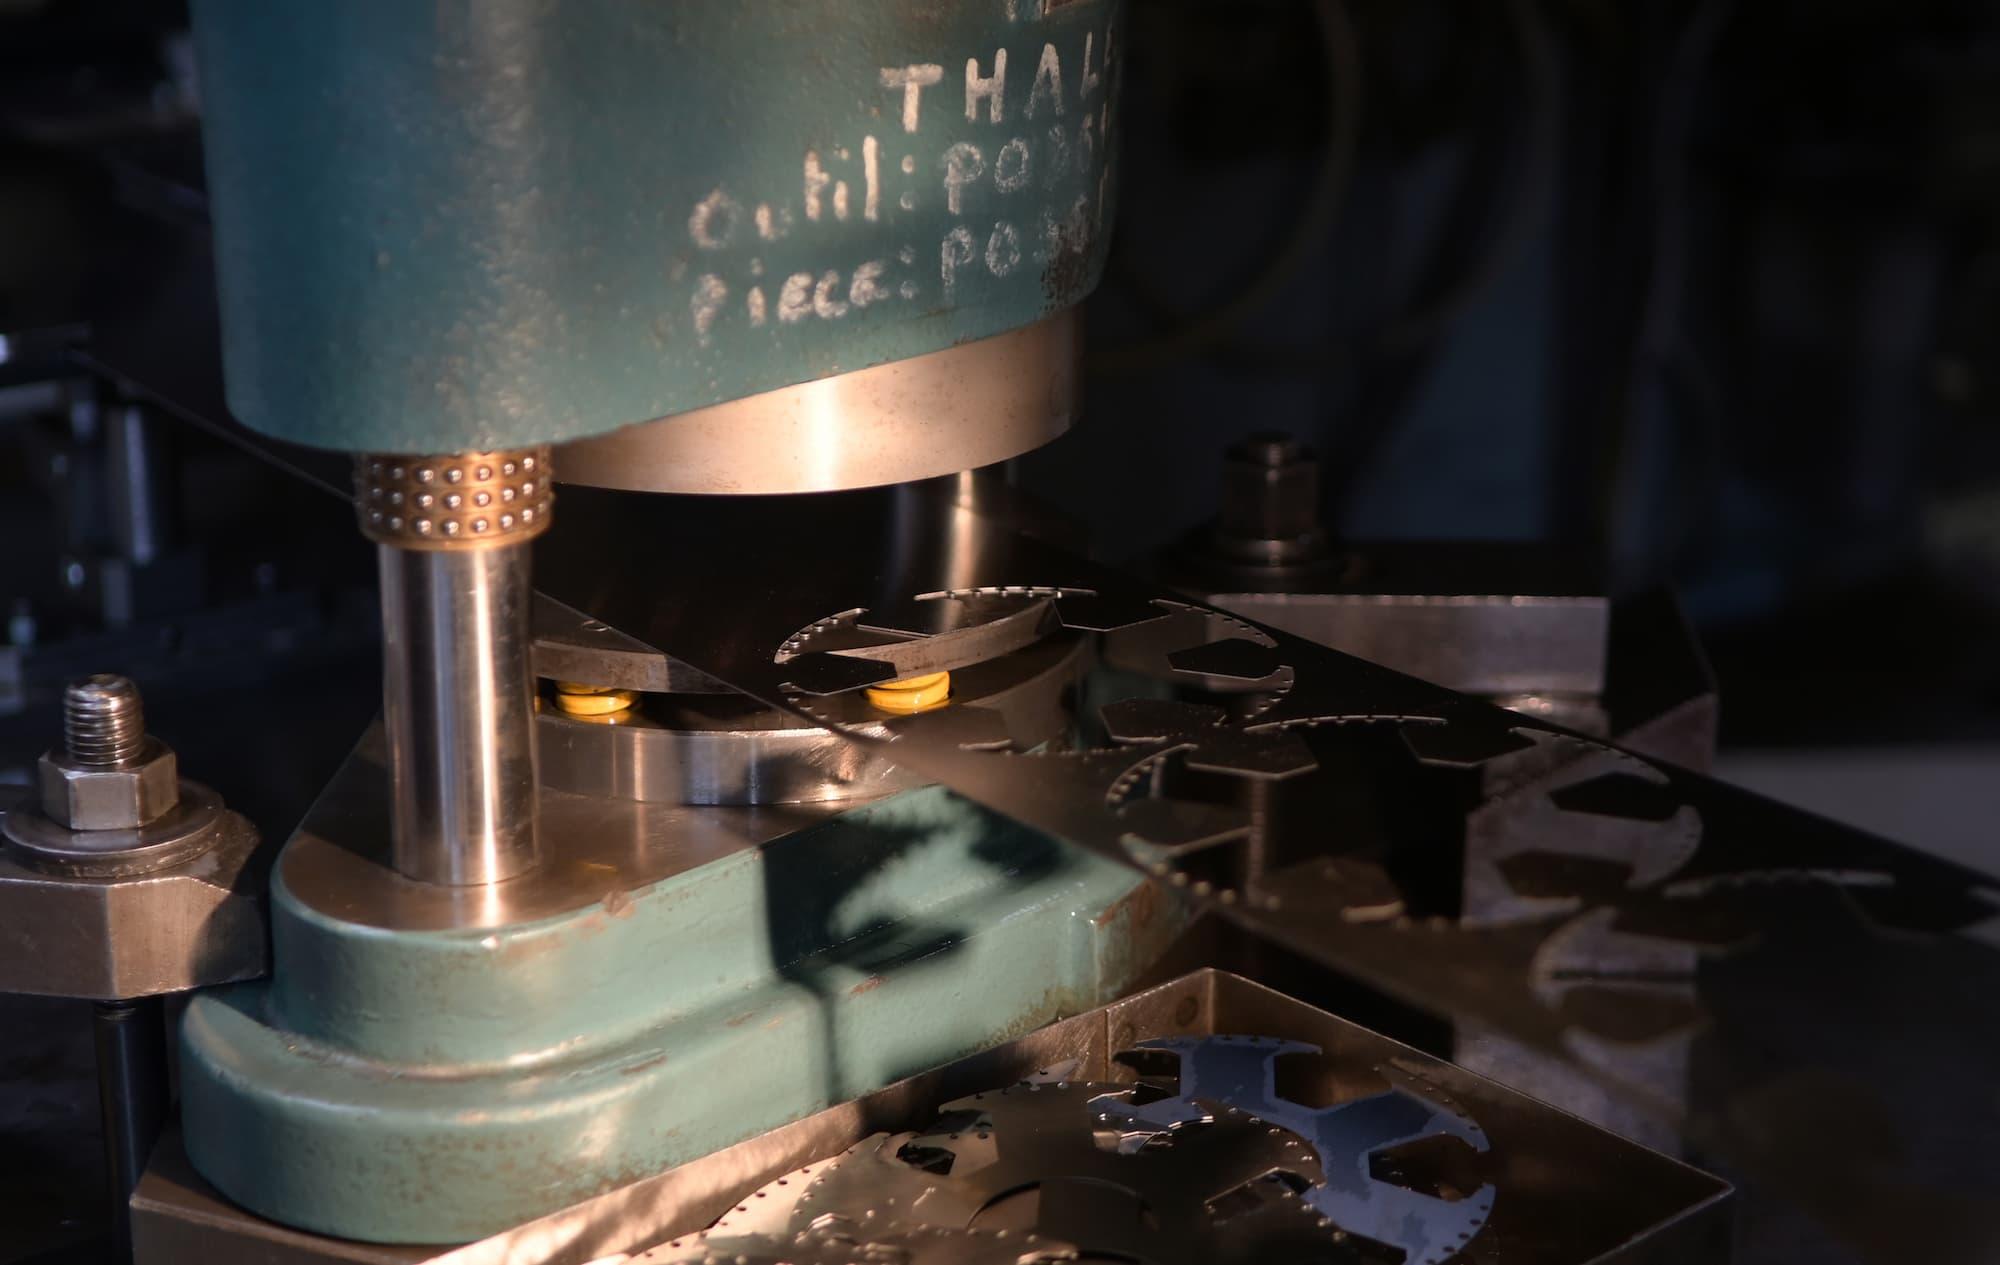 Coaéro - La maîtrise en découpe mécanique sur presse